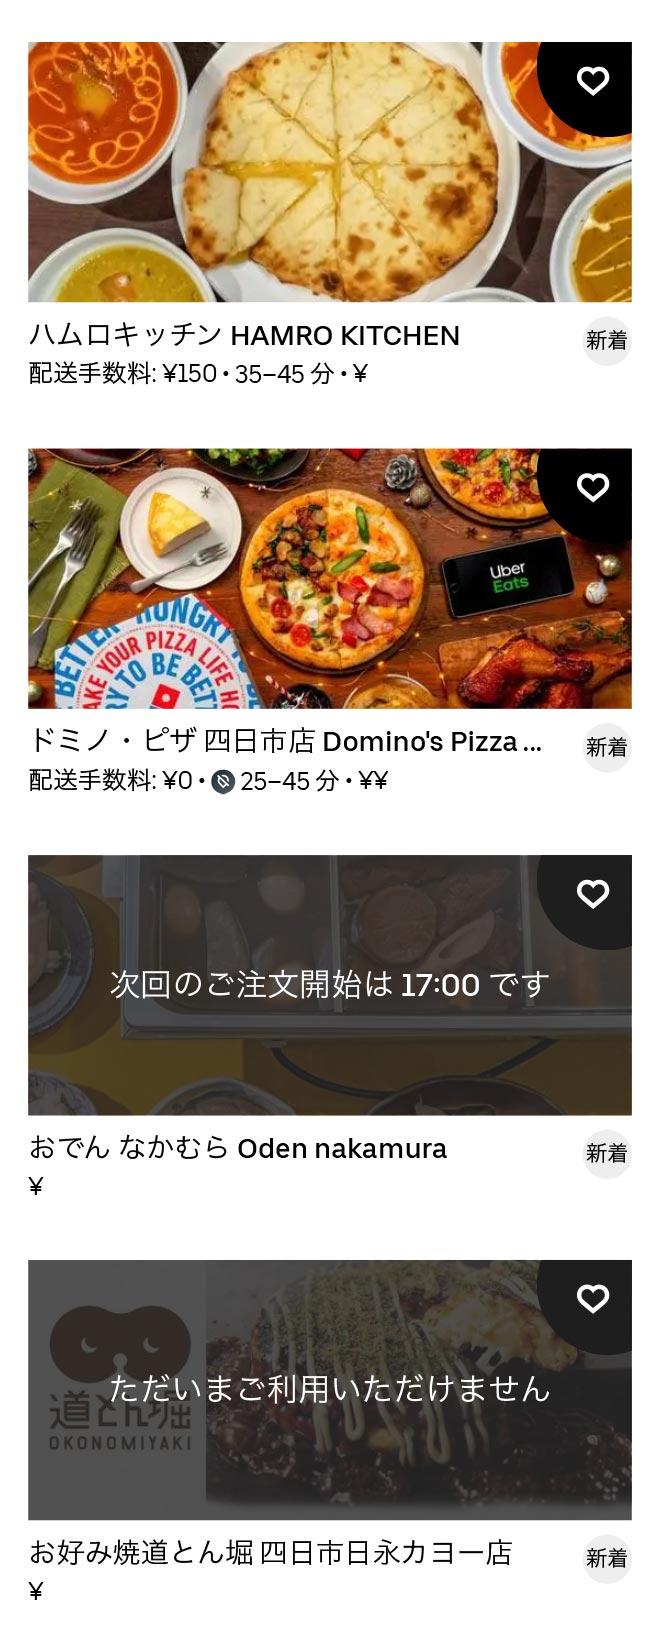 Minami hinaga menu 2012 08